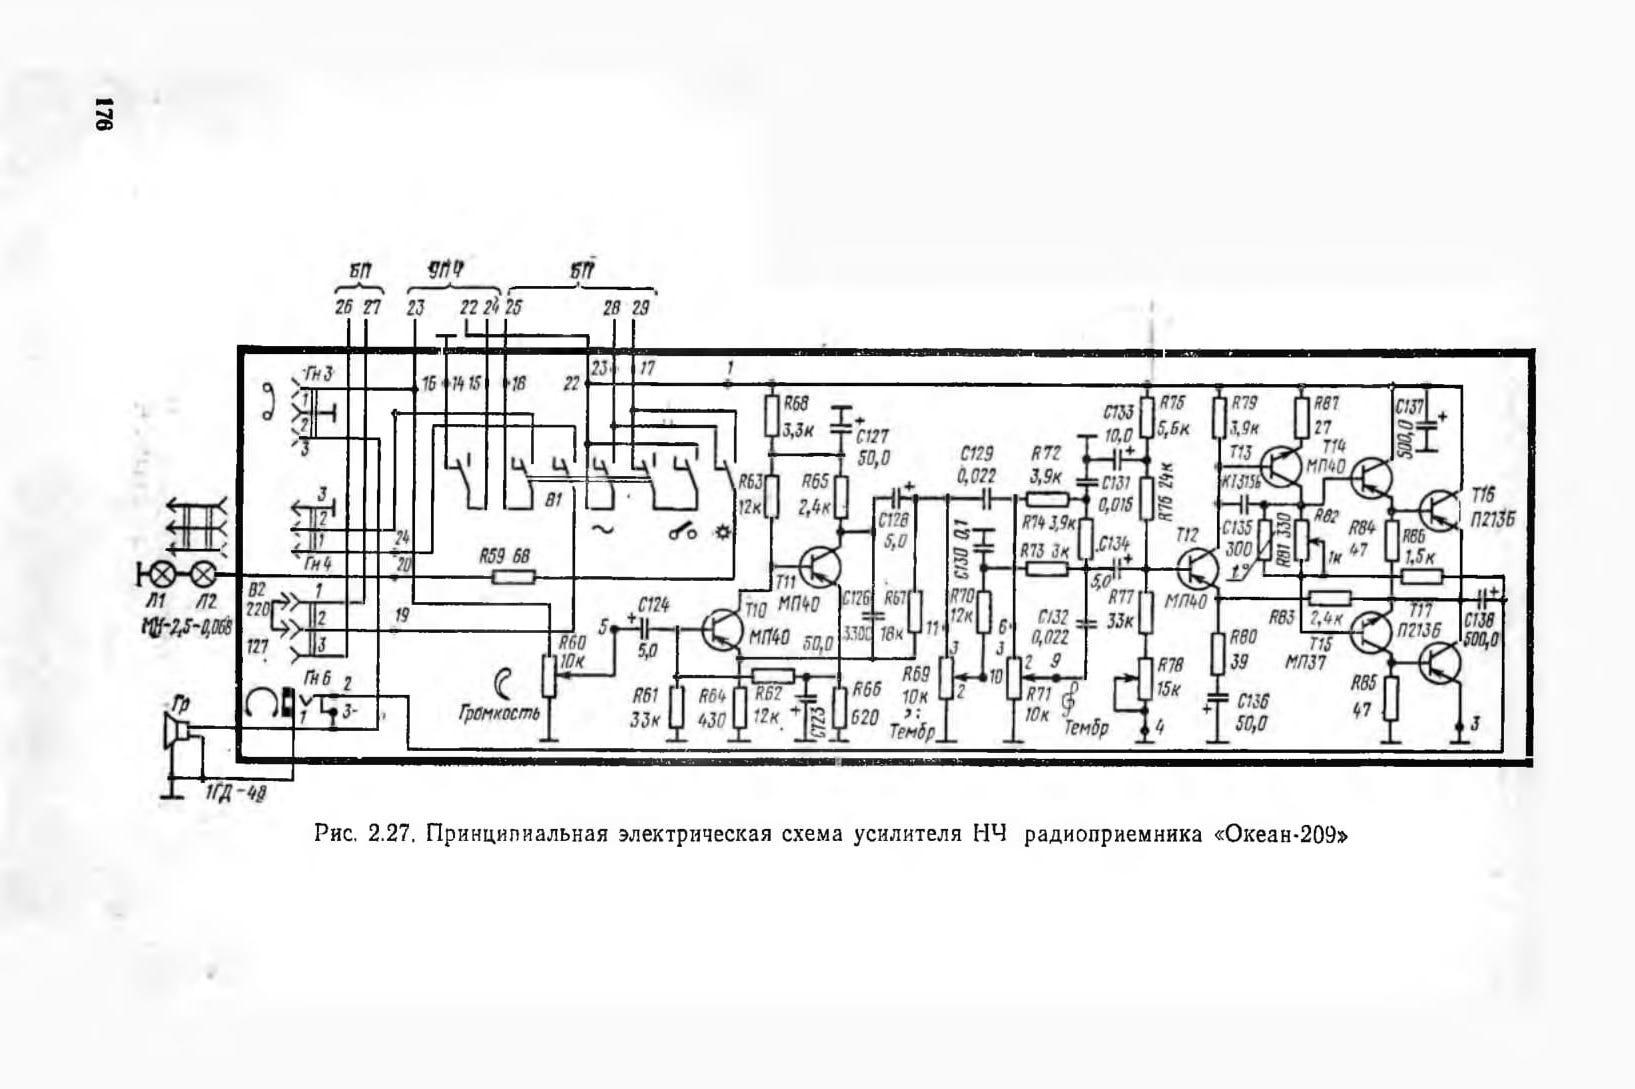 ОКЕАН 214 СХЕМА ЭЛЕКТРИЧЕСКАЯ ПРИНЦИПИАЛЬНАЯ СКАЧАТЬ БЕСПЛАТНО